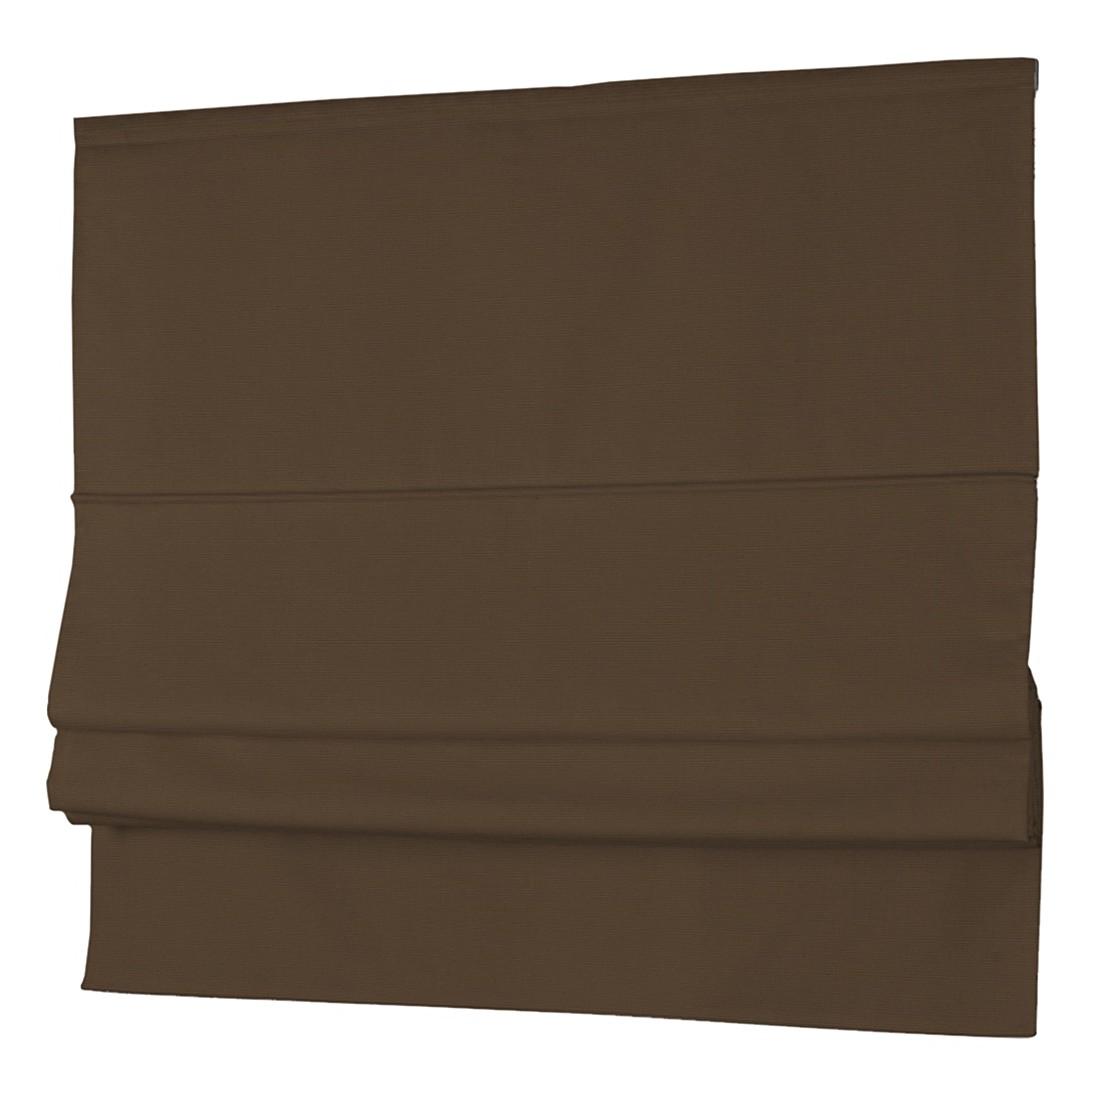 Raffrollo Cotton Panama – Braun / Kaffeebraun – 100 x 170 cm, Dekoria jetzt bestellen